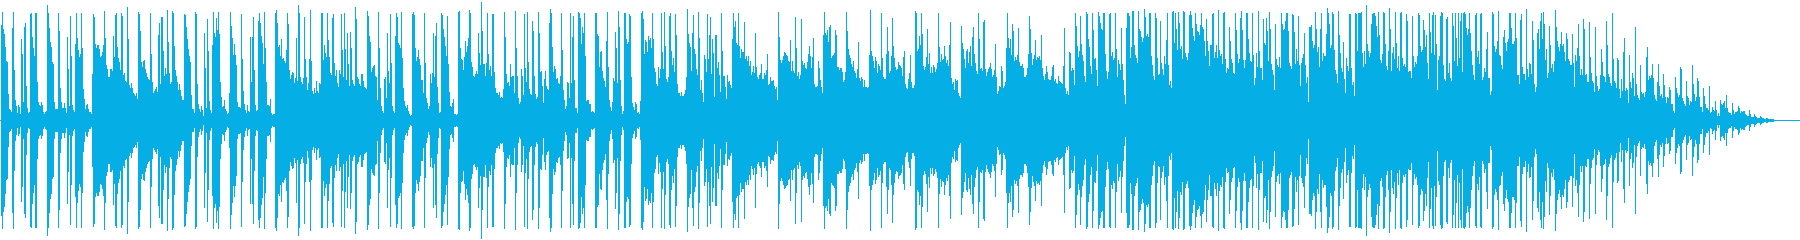 爽やか/優しさ/R&B_No470_3の再生済みの波形